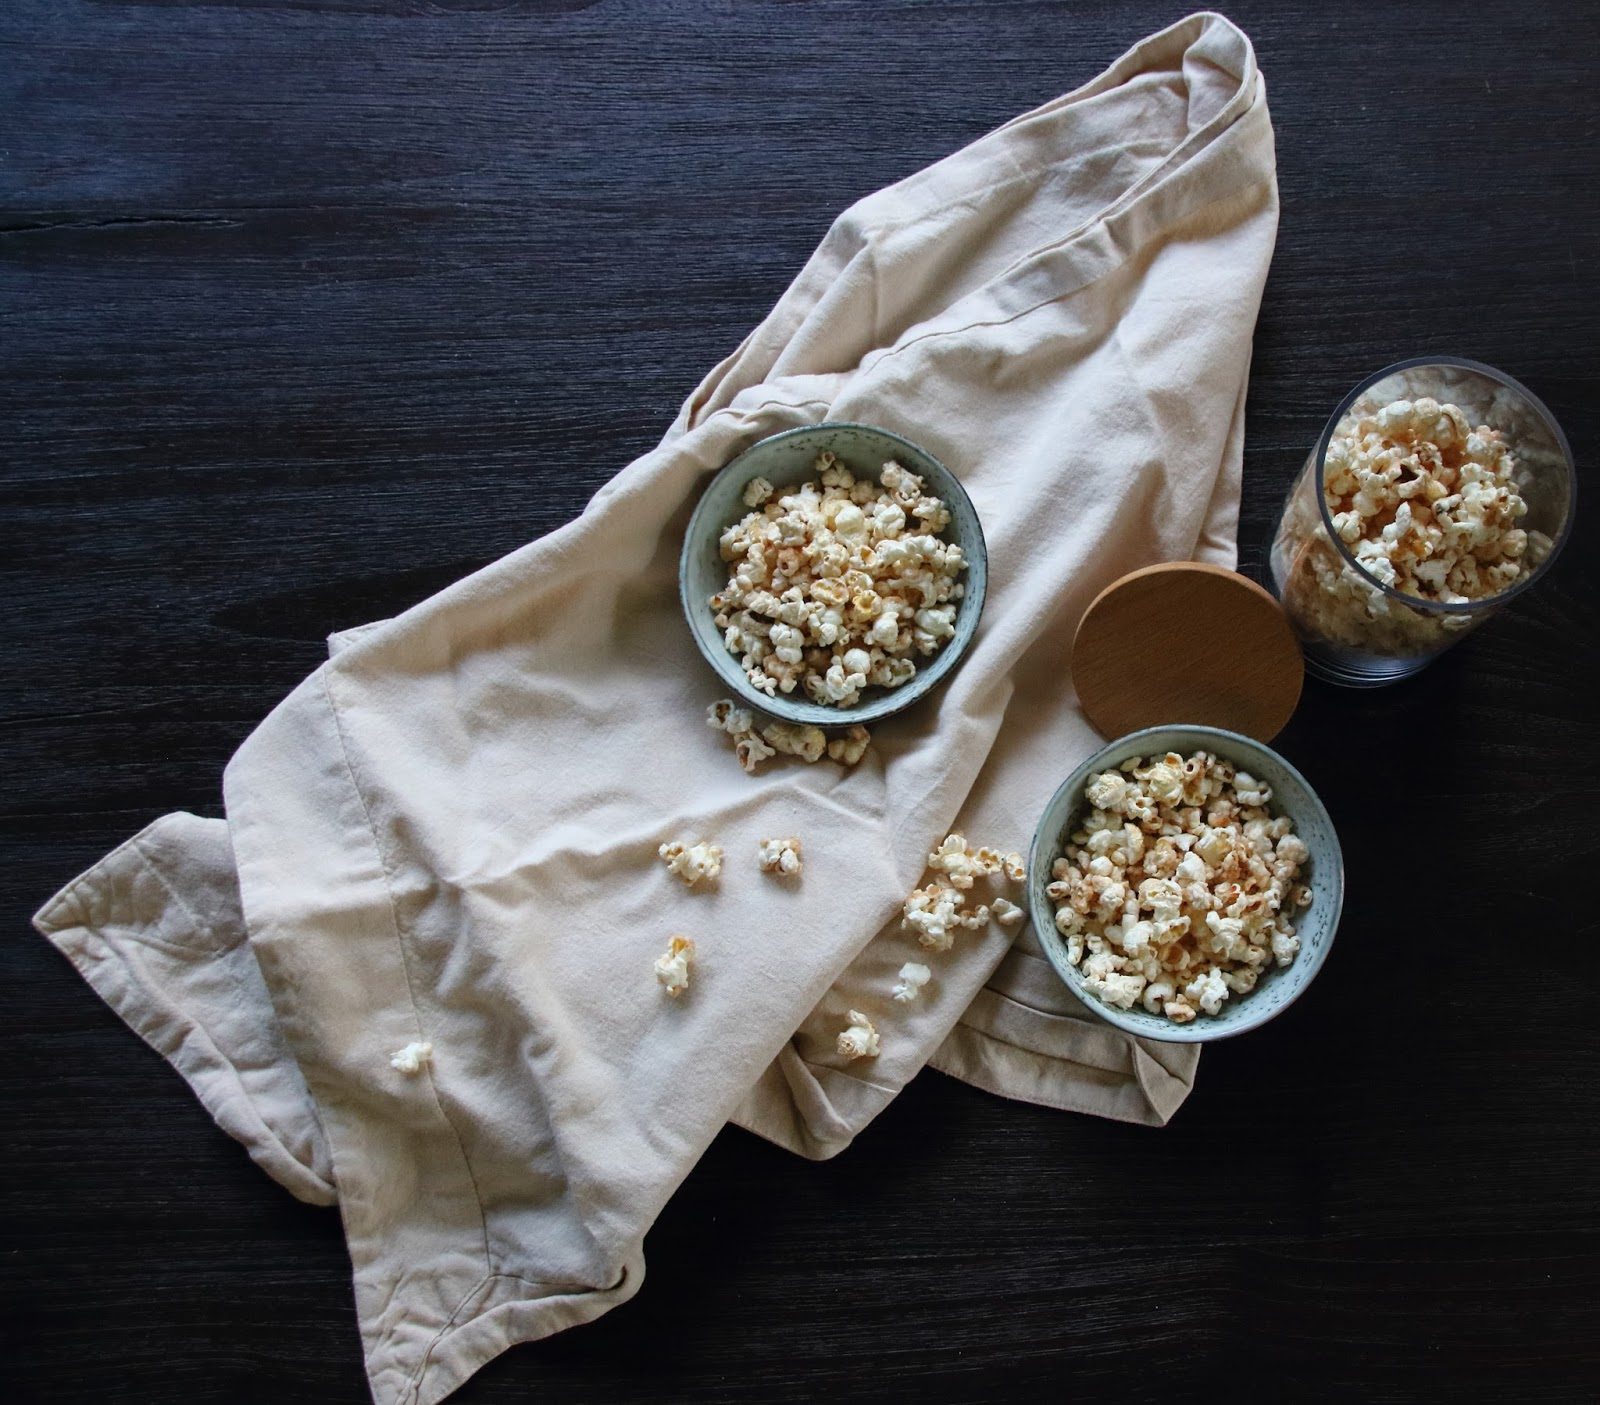 Designedlifeblog.blogspot.com Baked caramel speculaas popcorn